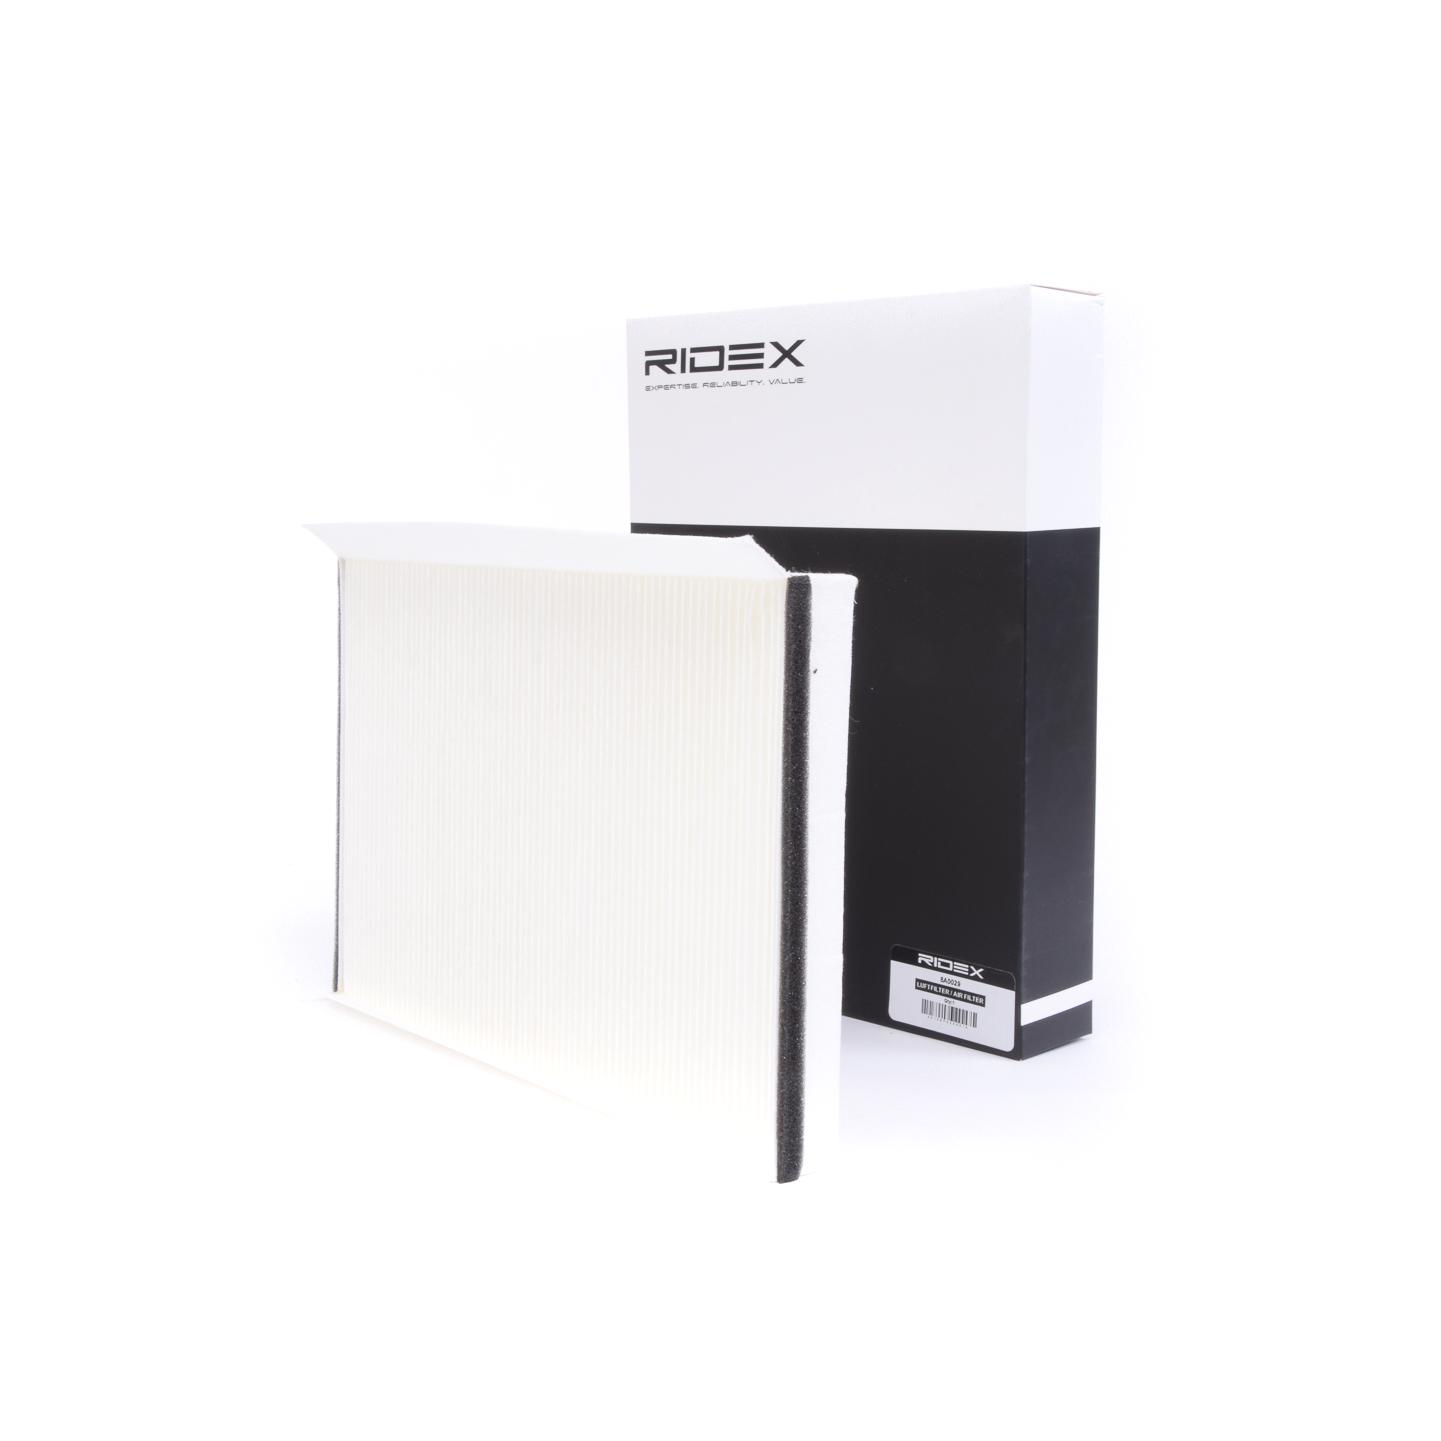 Pollenfilter RIDEX 424I0238 Bewertung